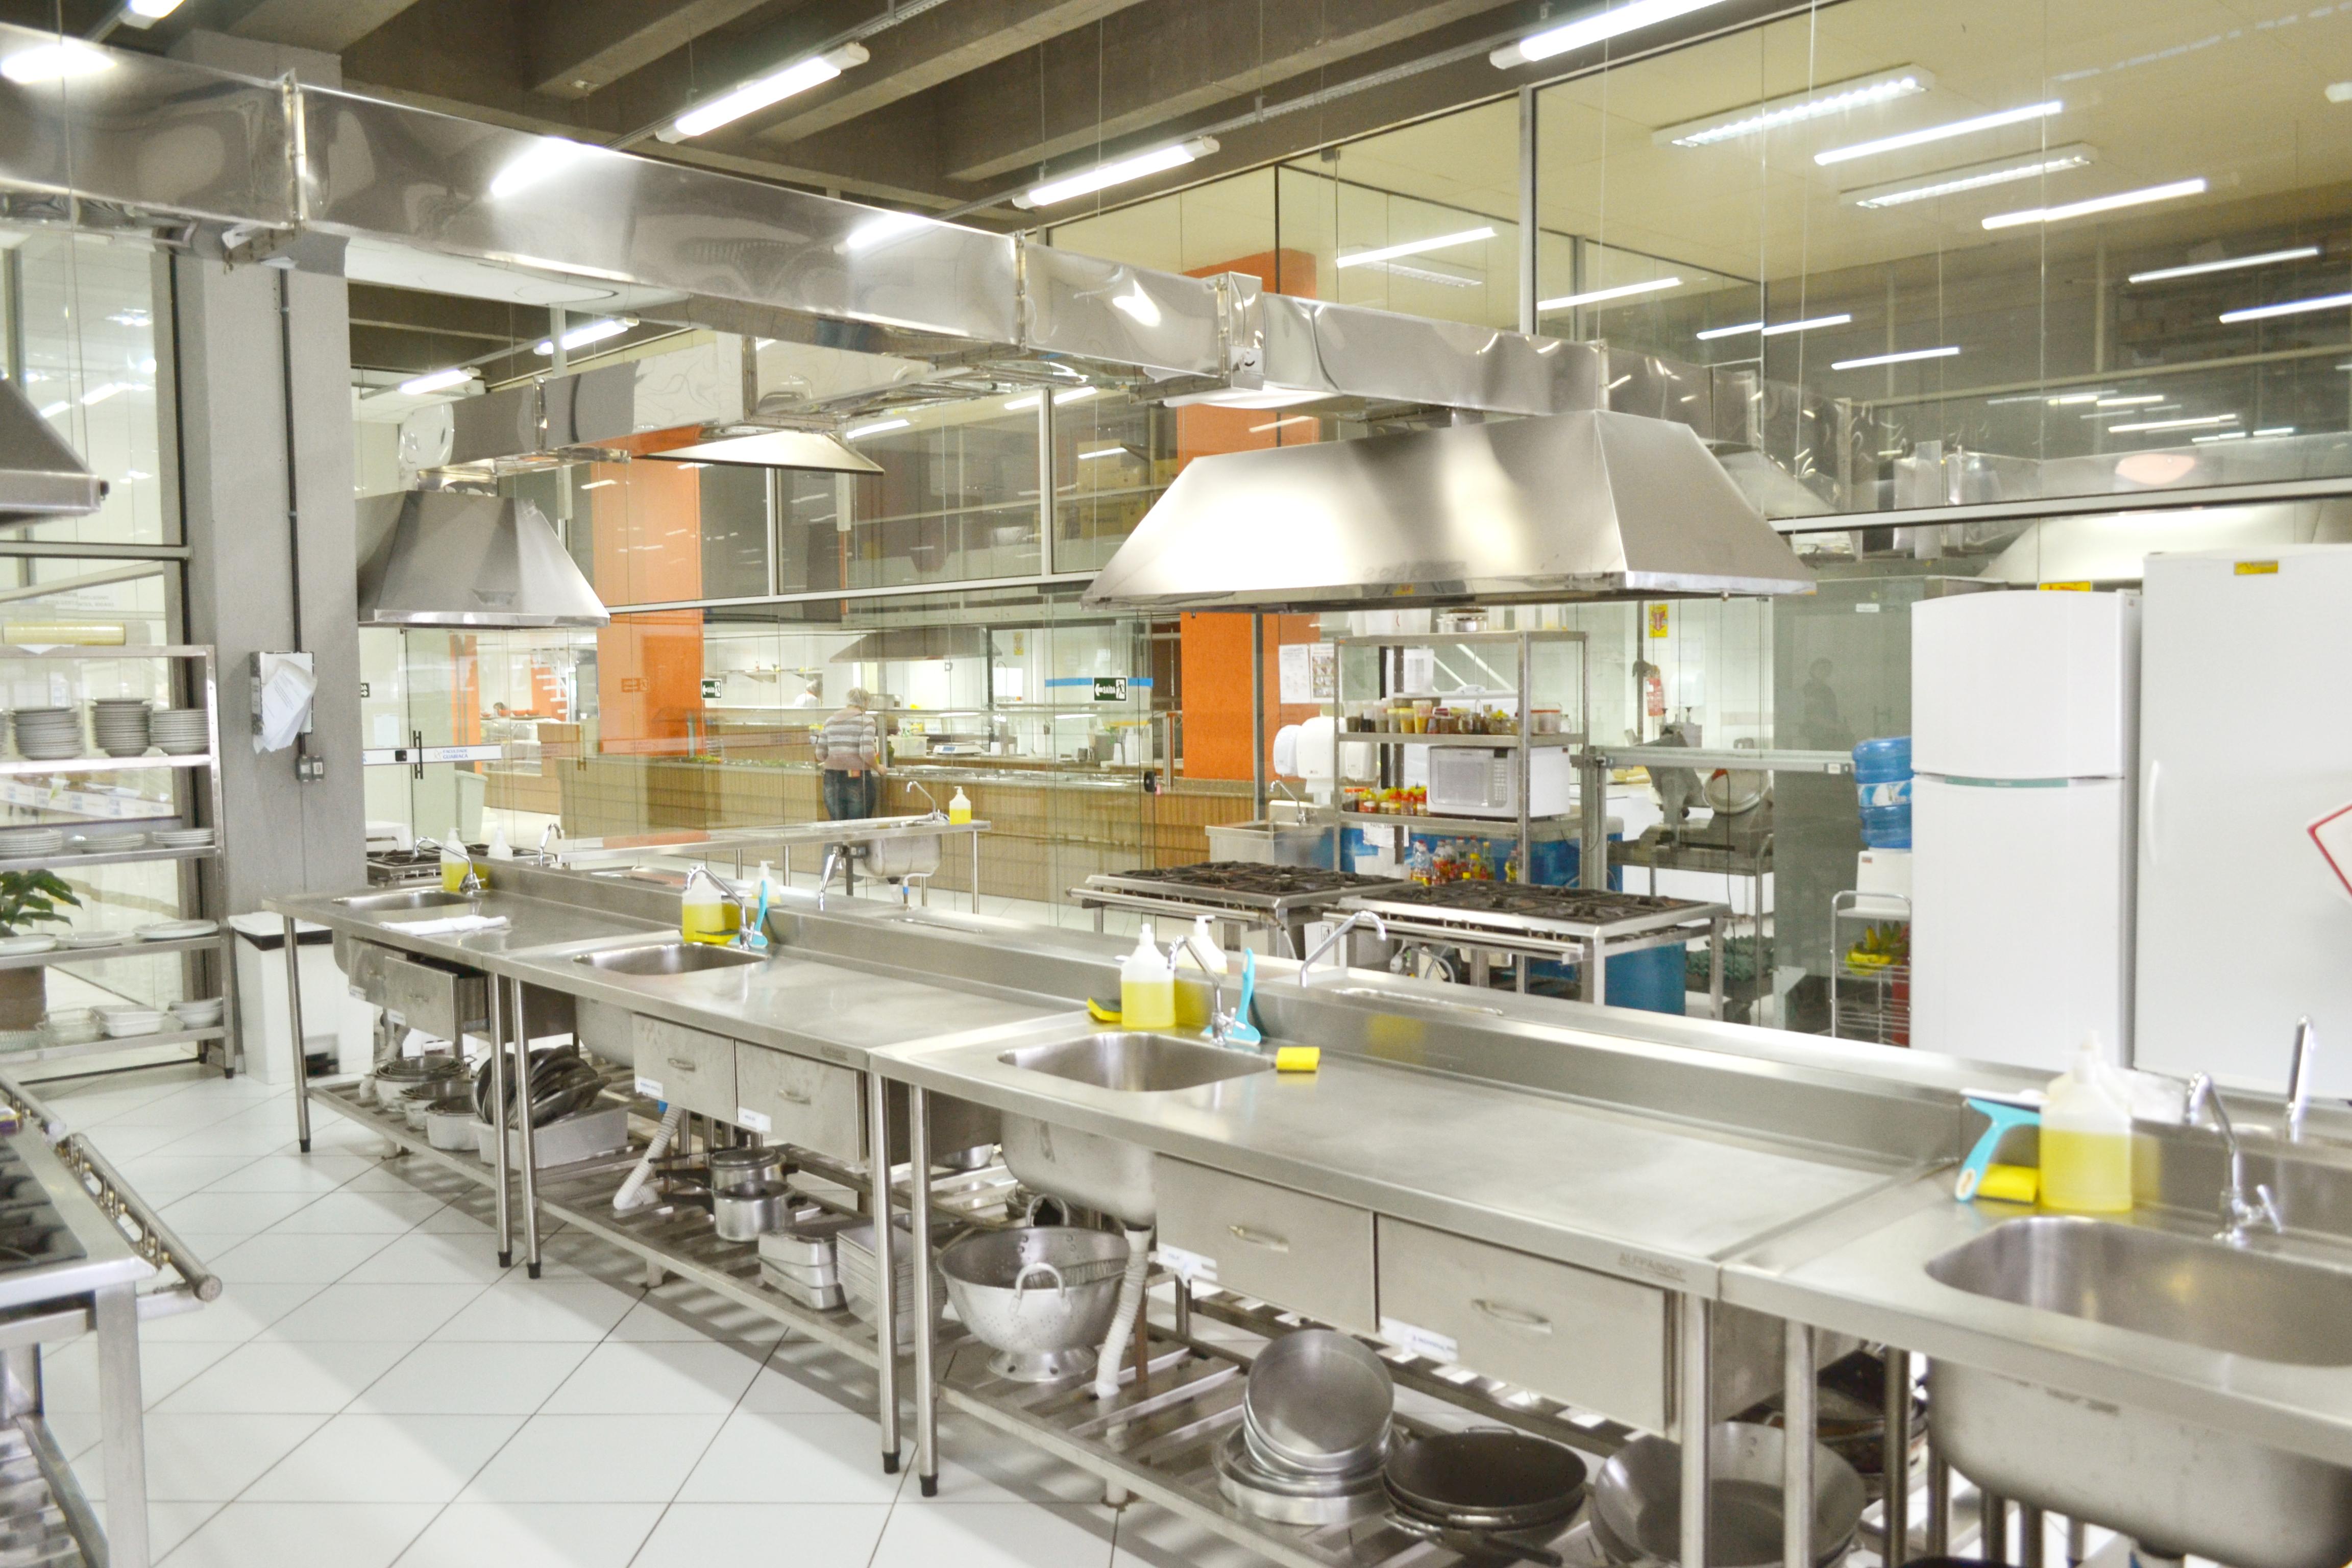 Cozinha Escola de Gastronomia1